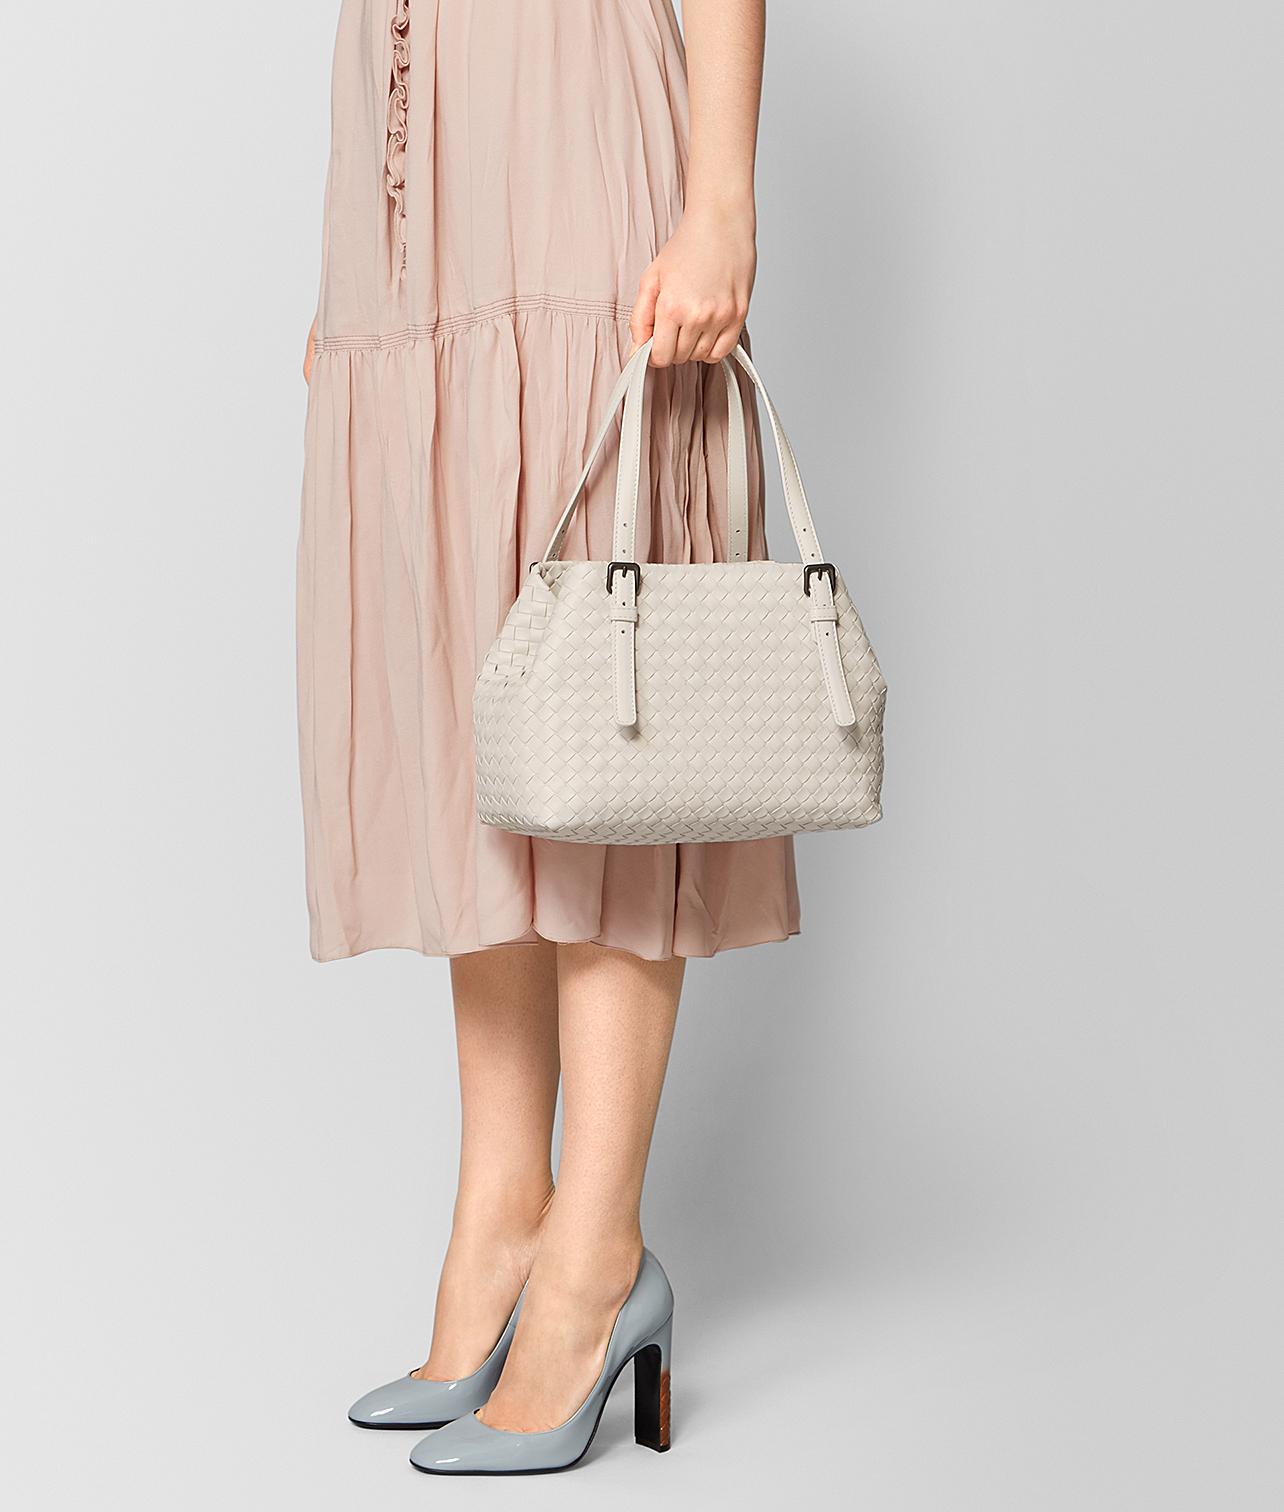 30代の女性に人気のボッテガヴェネタのレディースバッグ